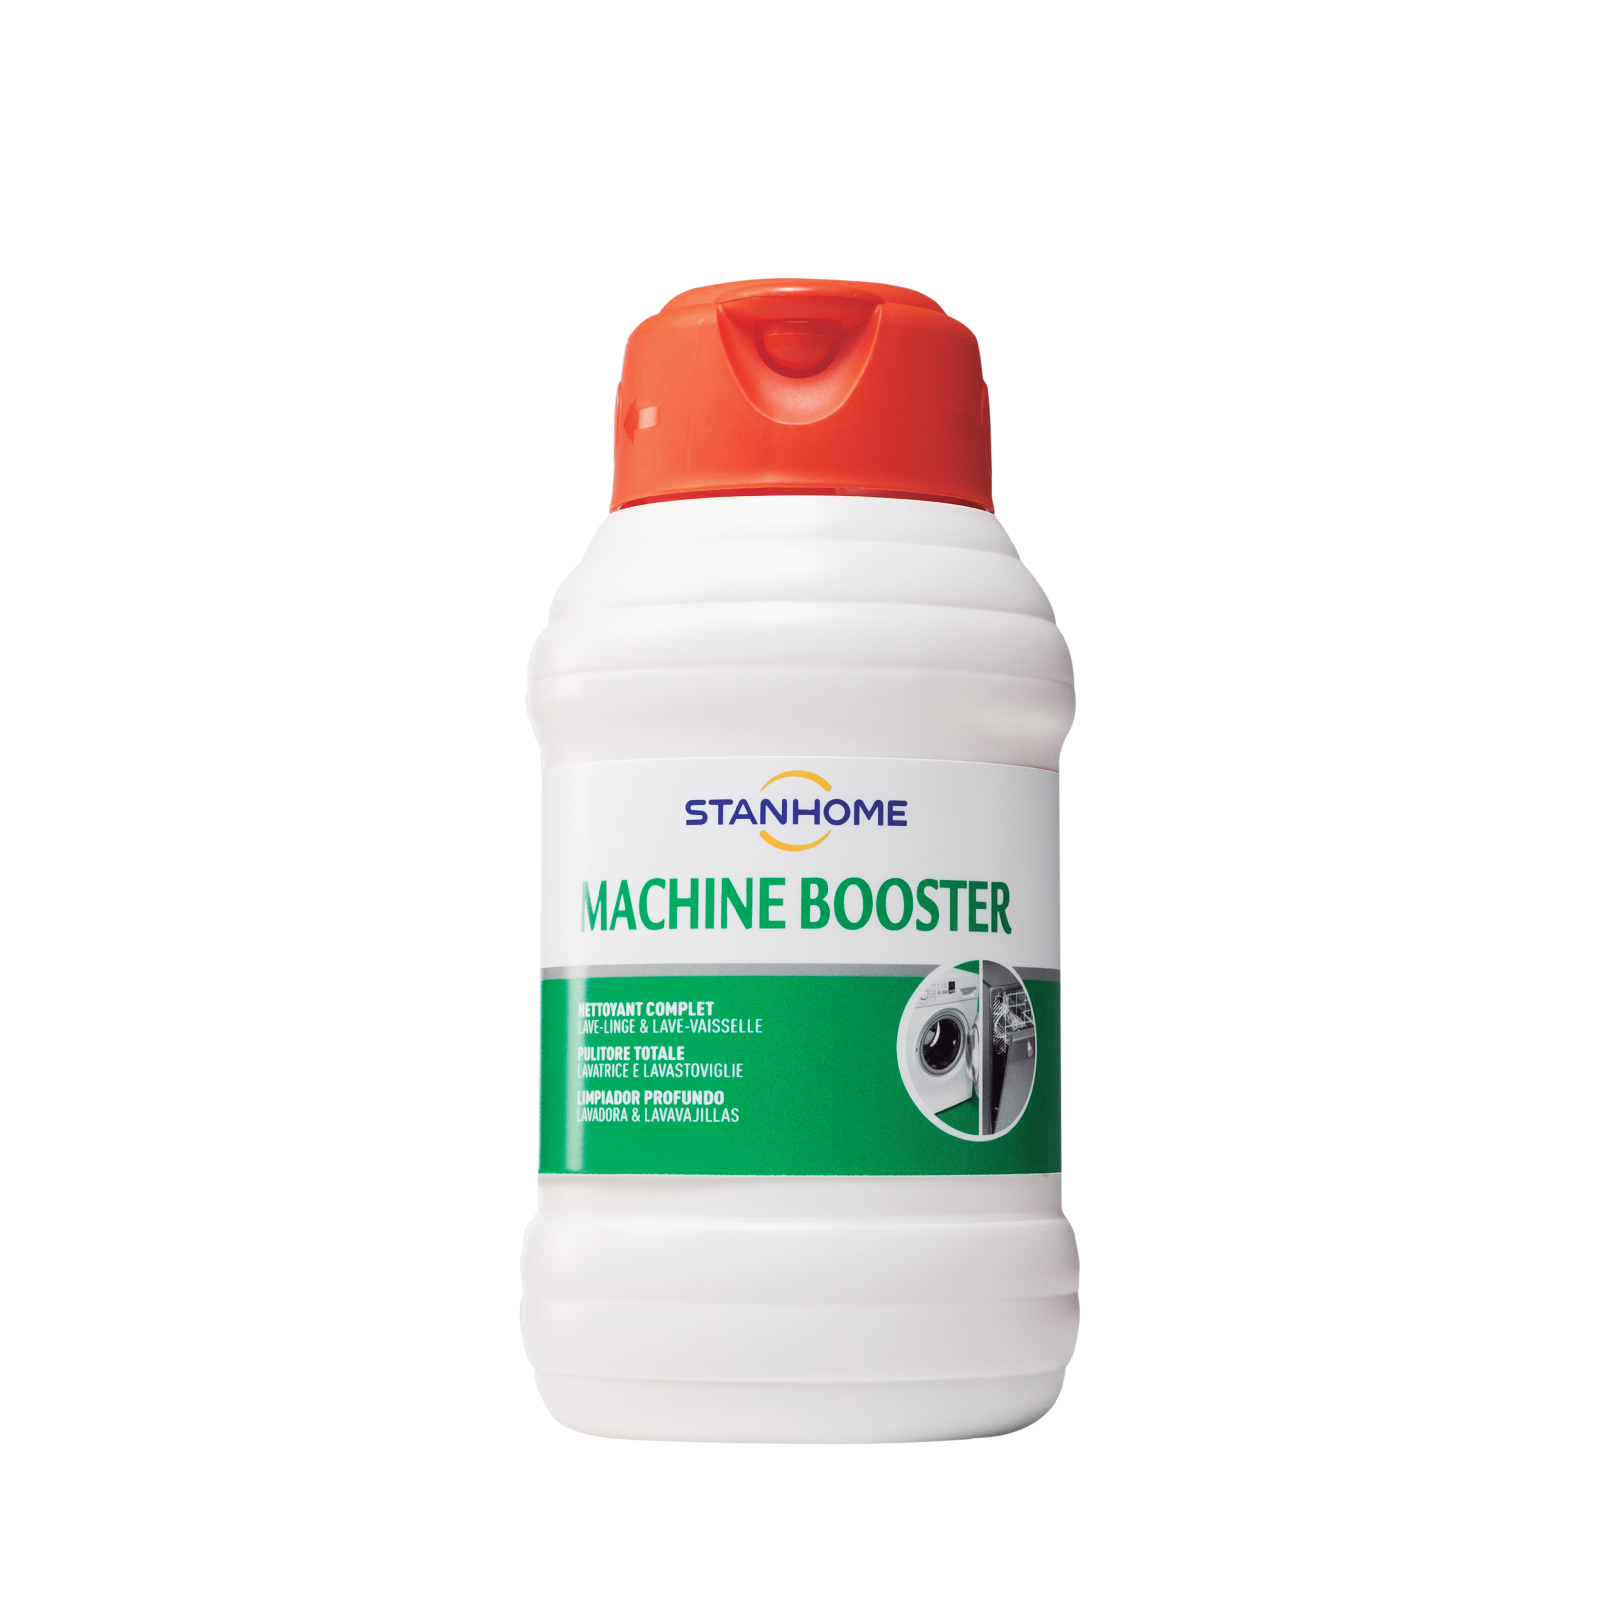 Dung dịch vệ sinh lồng giặt, máy rửa chén Stanhome Machine Booster 500ml